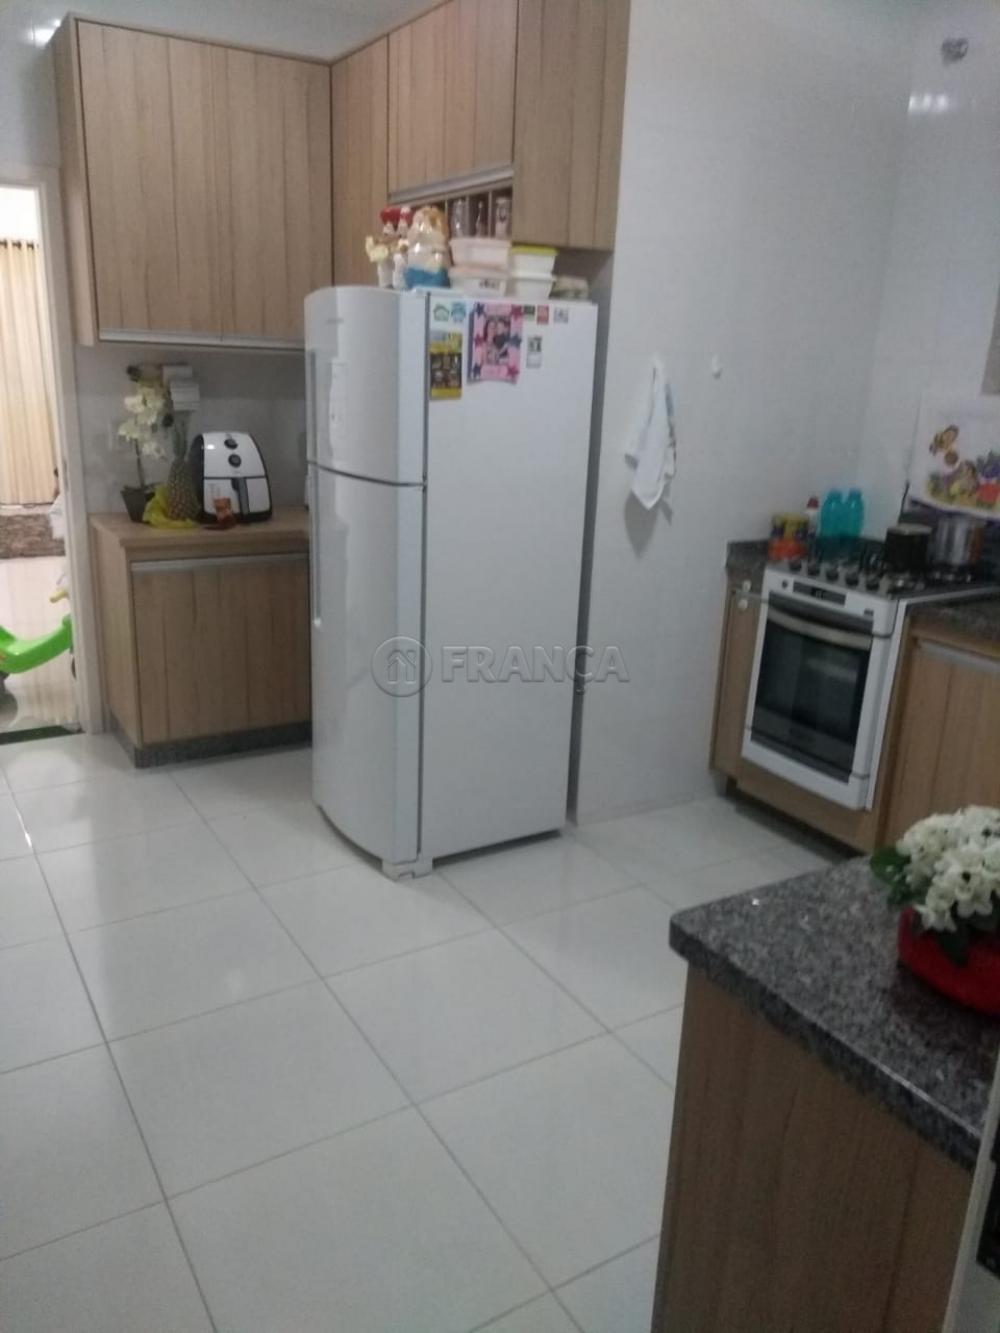 Comprar Casa / Condomínio em Jacareí apenas R$ 530.000,00 - Foto 5